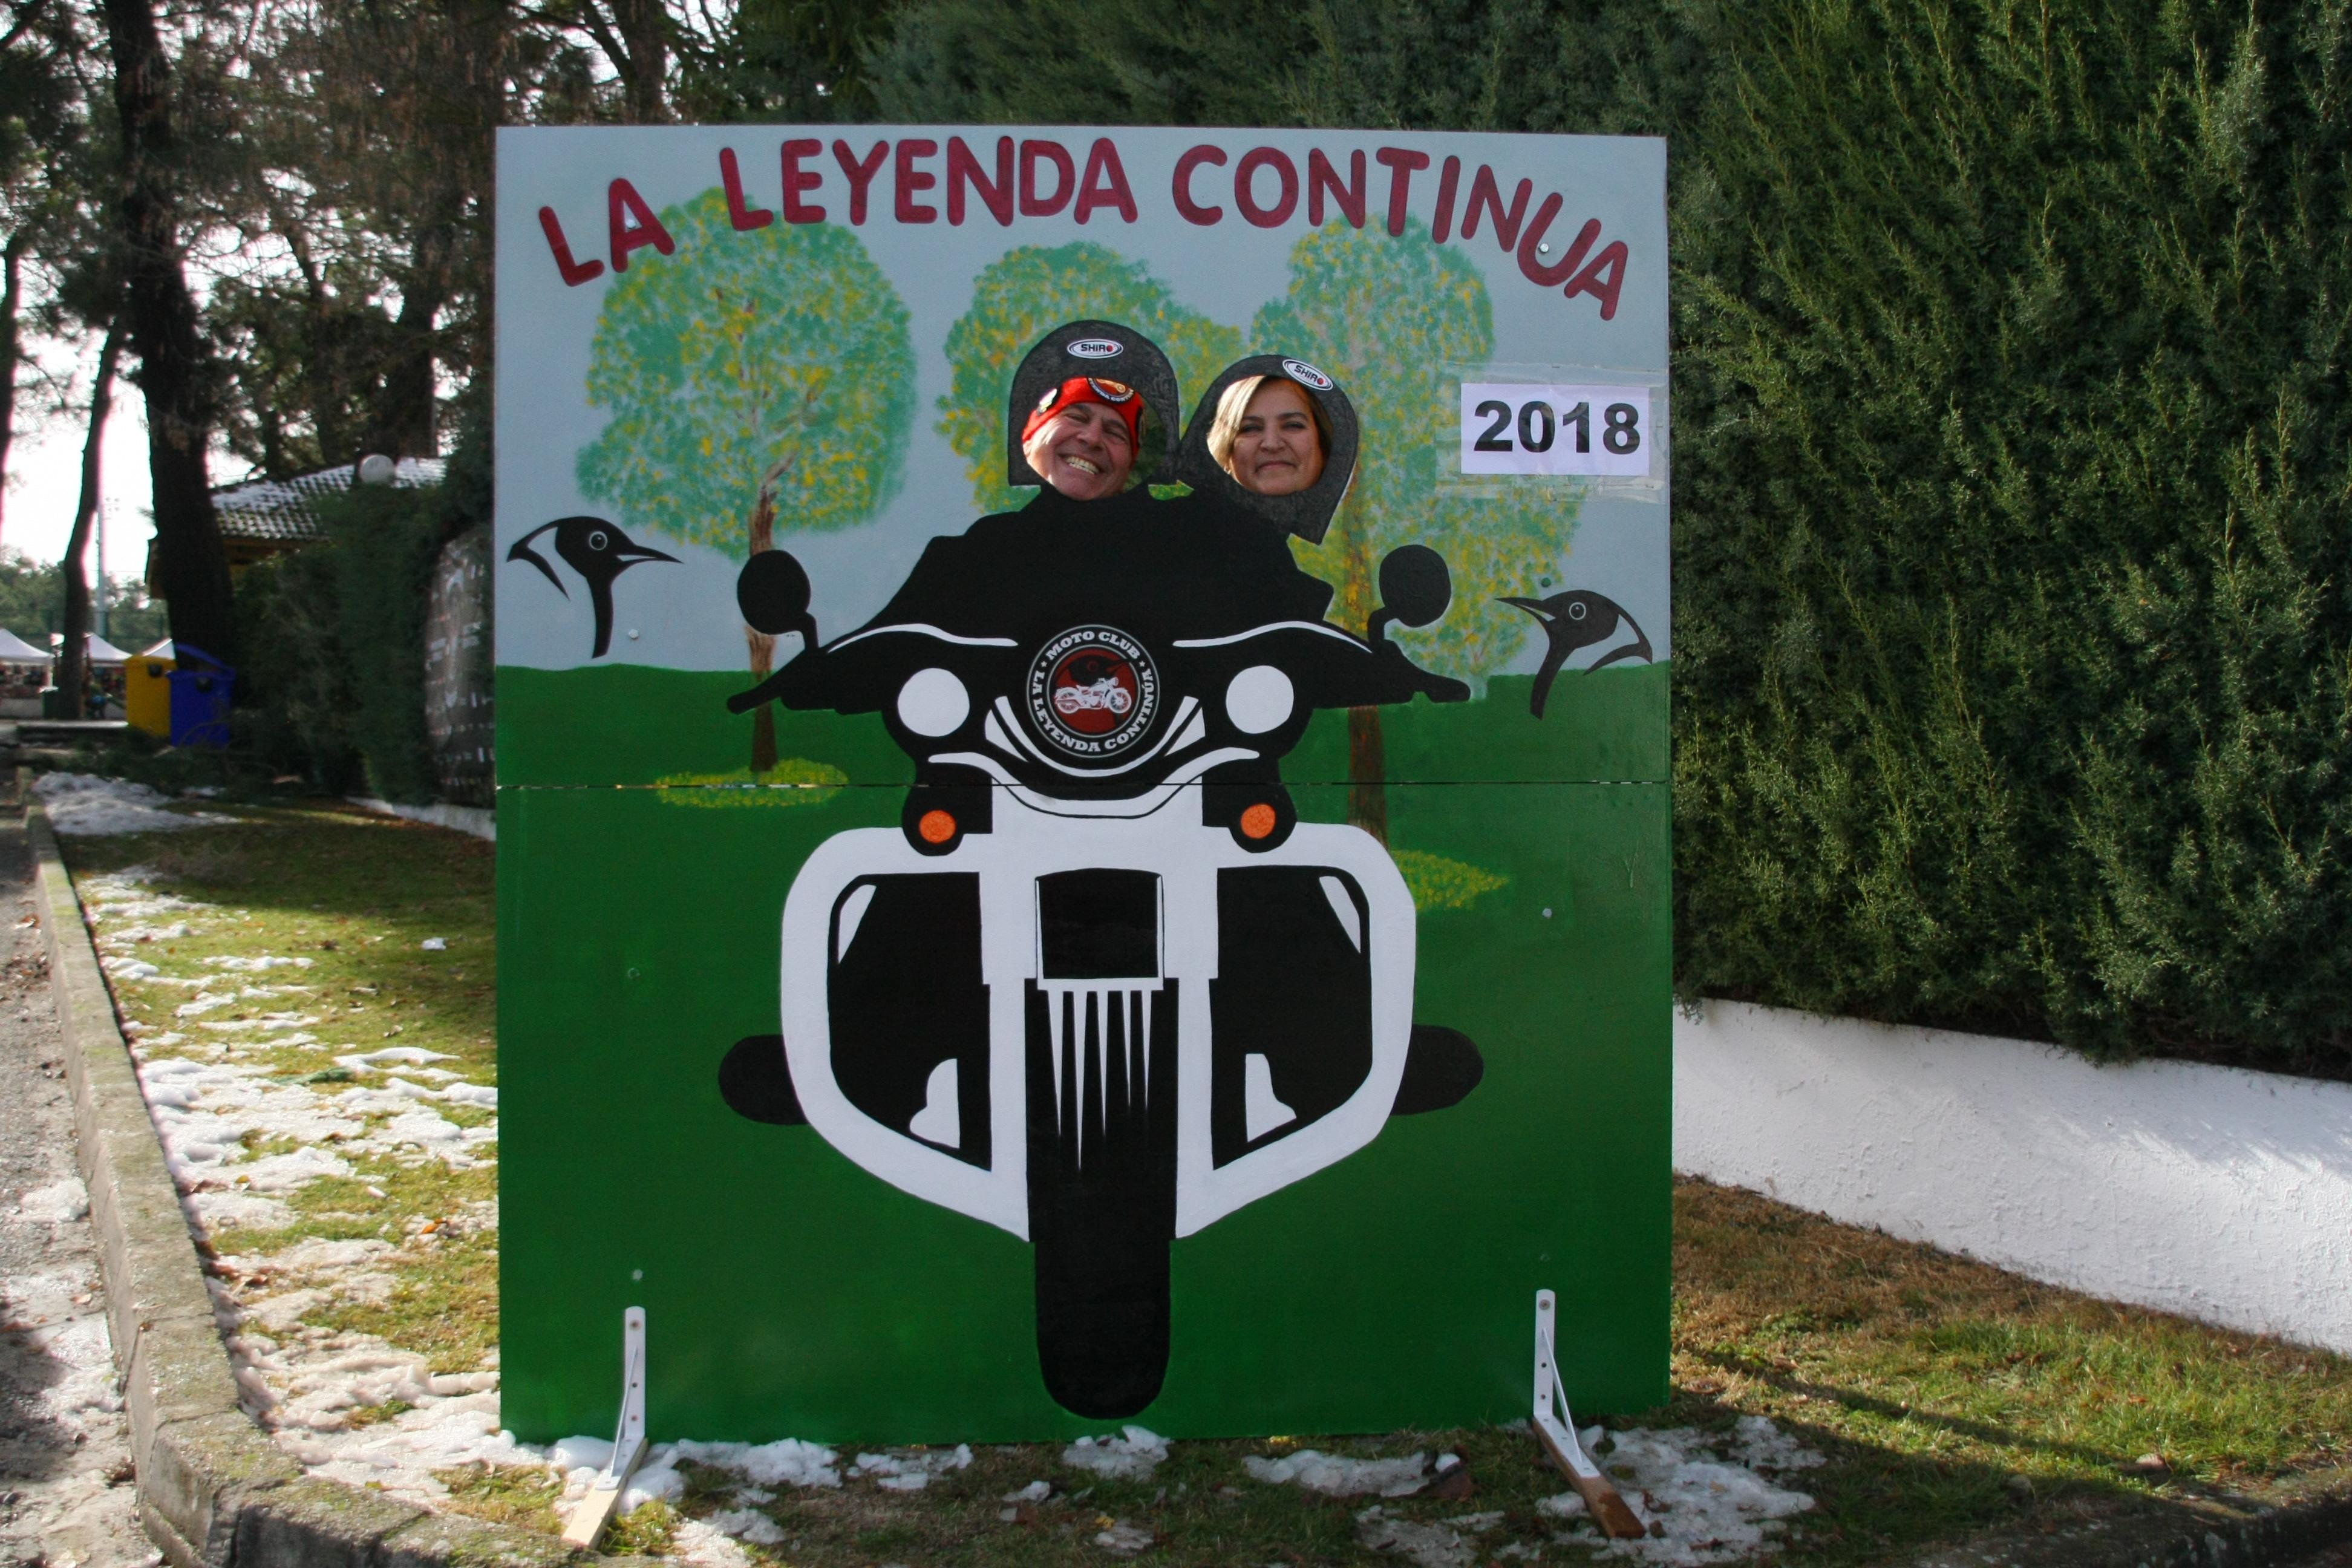 Concentración La Leyenda 2018 MotorADN (11)